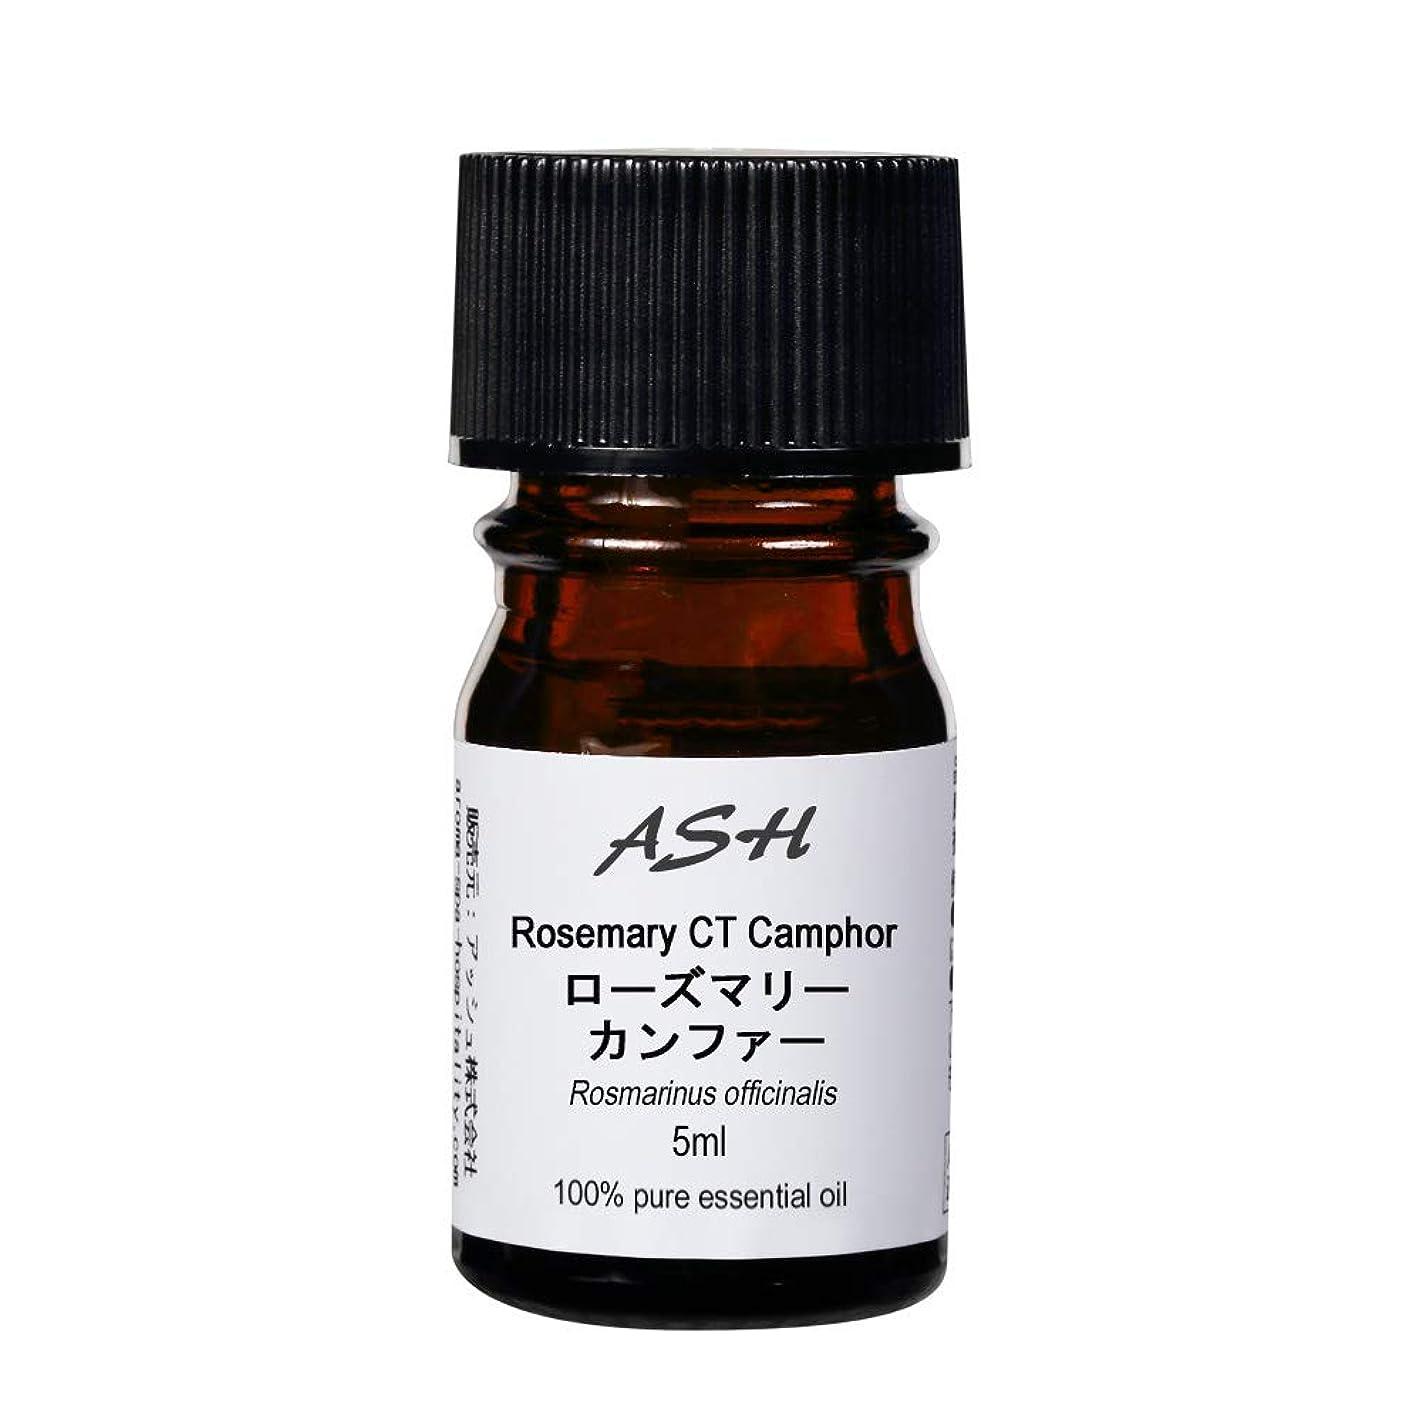 アコーウガンダ注目すべきASH ローズマリー (CT カンファー) エッセンシャルオイル 5ml AEAJ表示基準適合認定精油